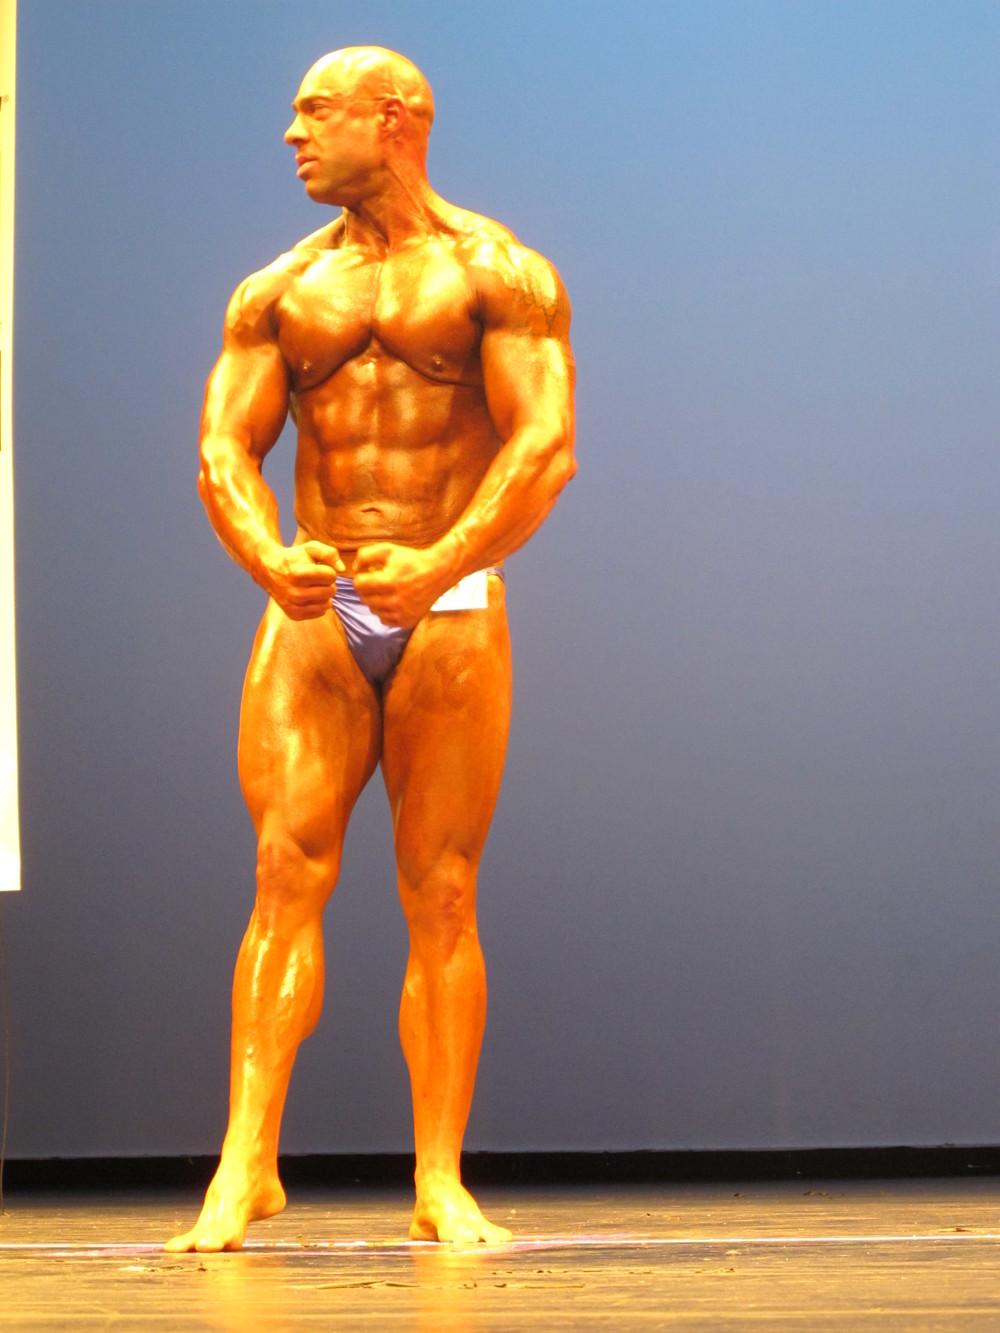 bodybuilding 247.jpg